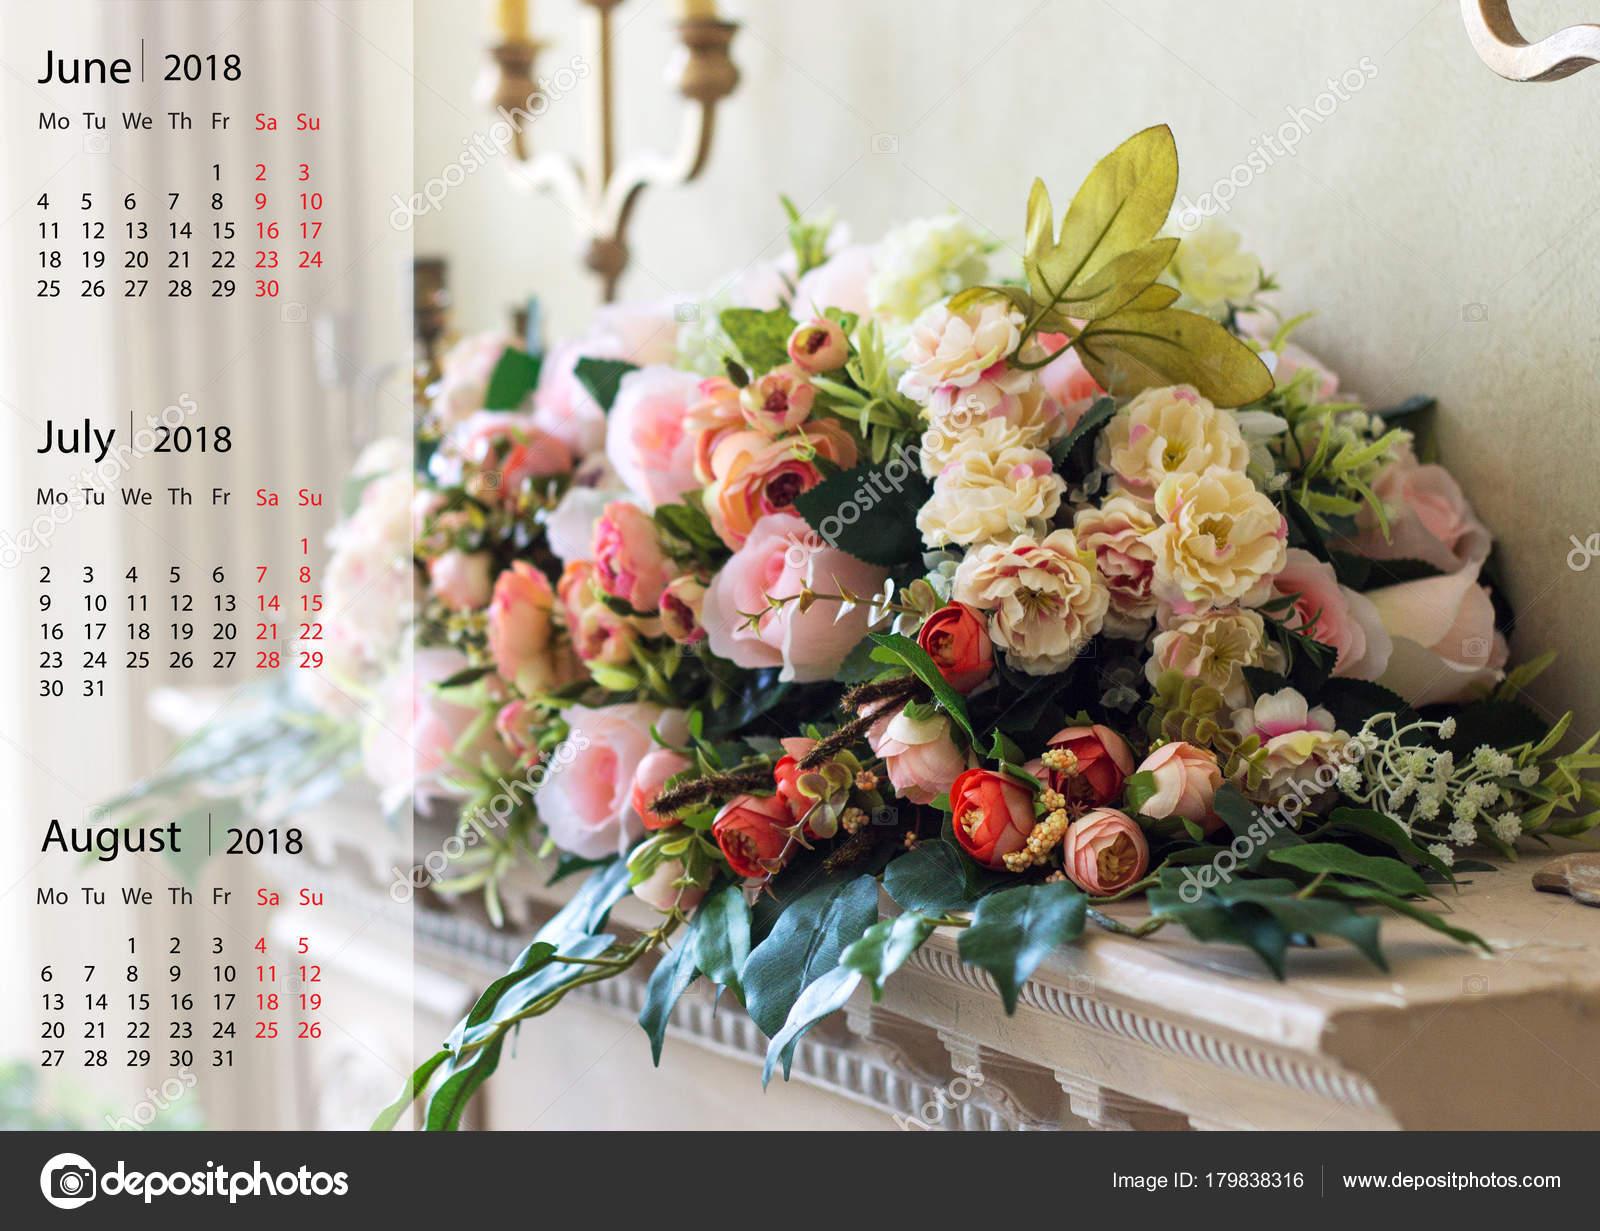 Цветы на новый год фото #9